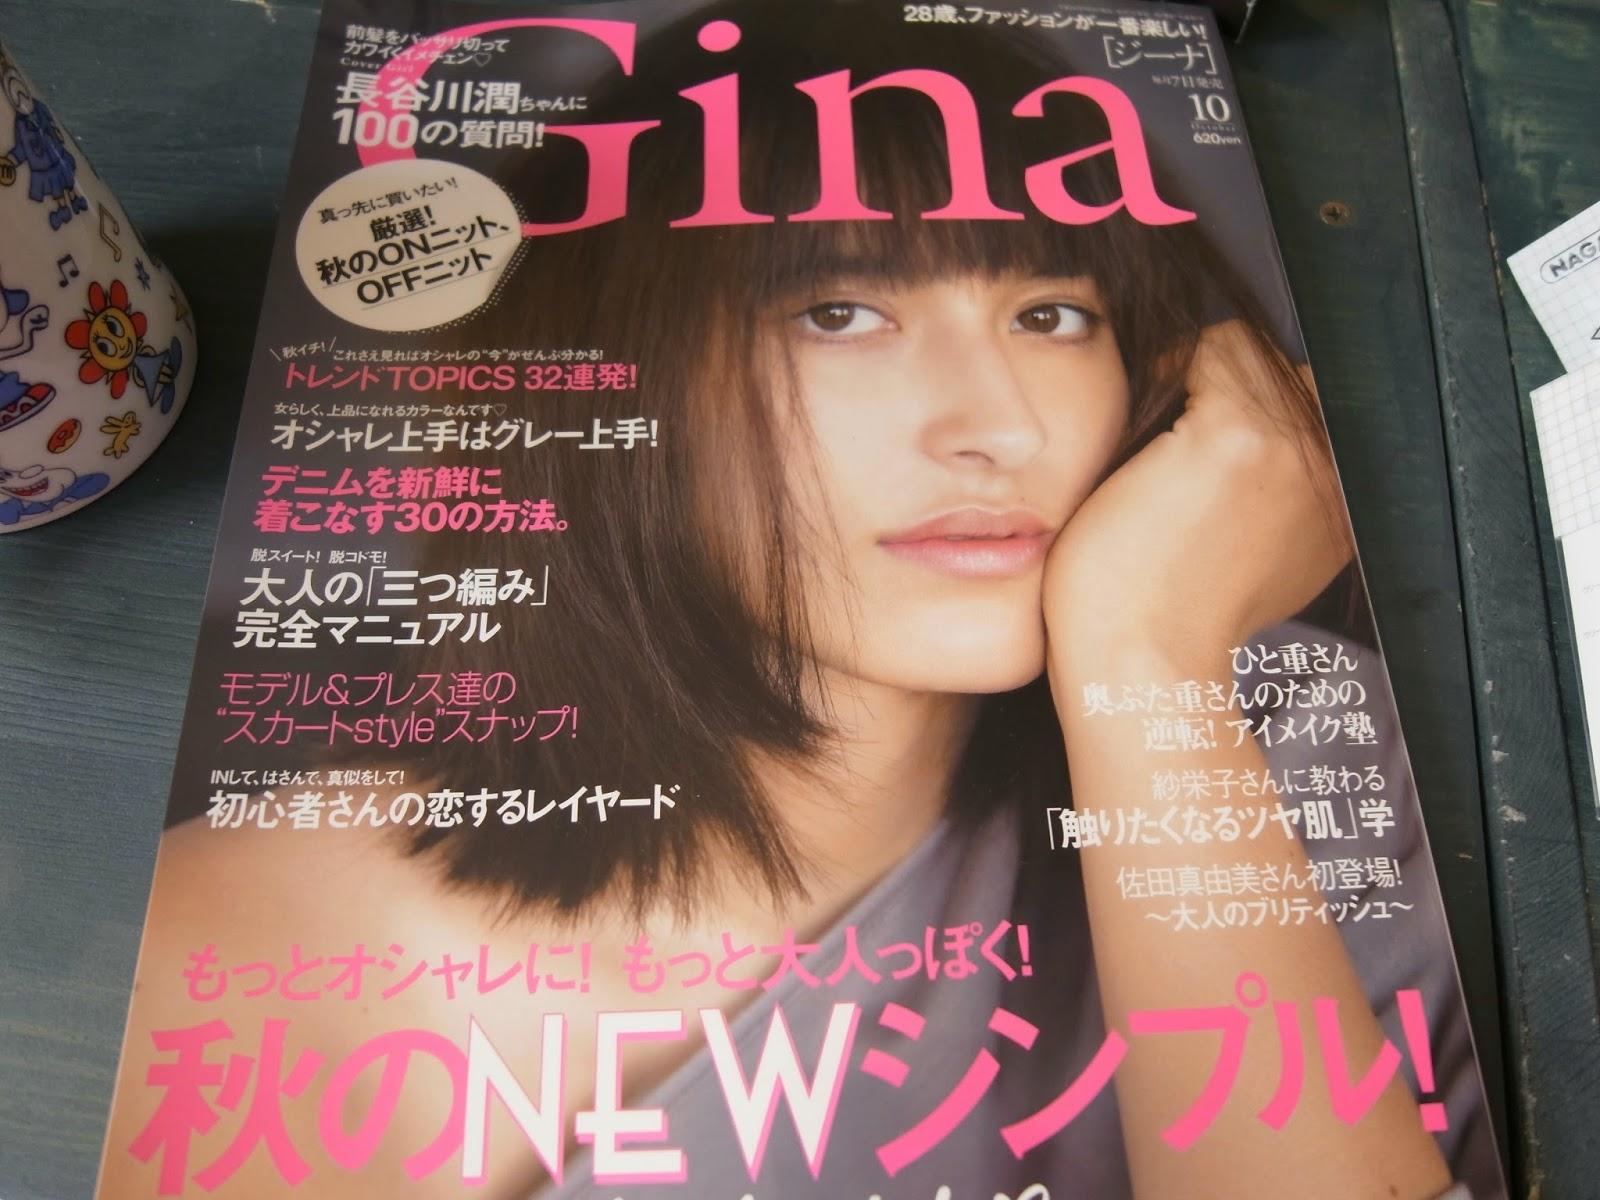 女性ファッション誌 Gina ジーナの写真です。